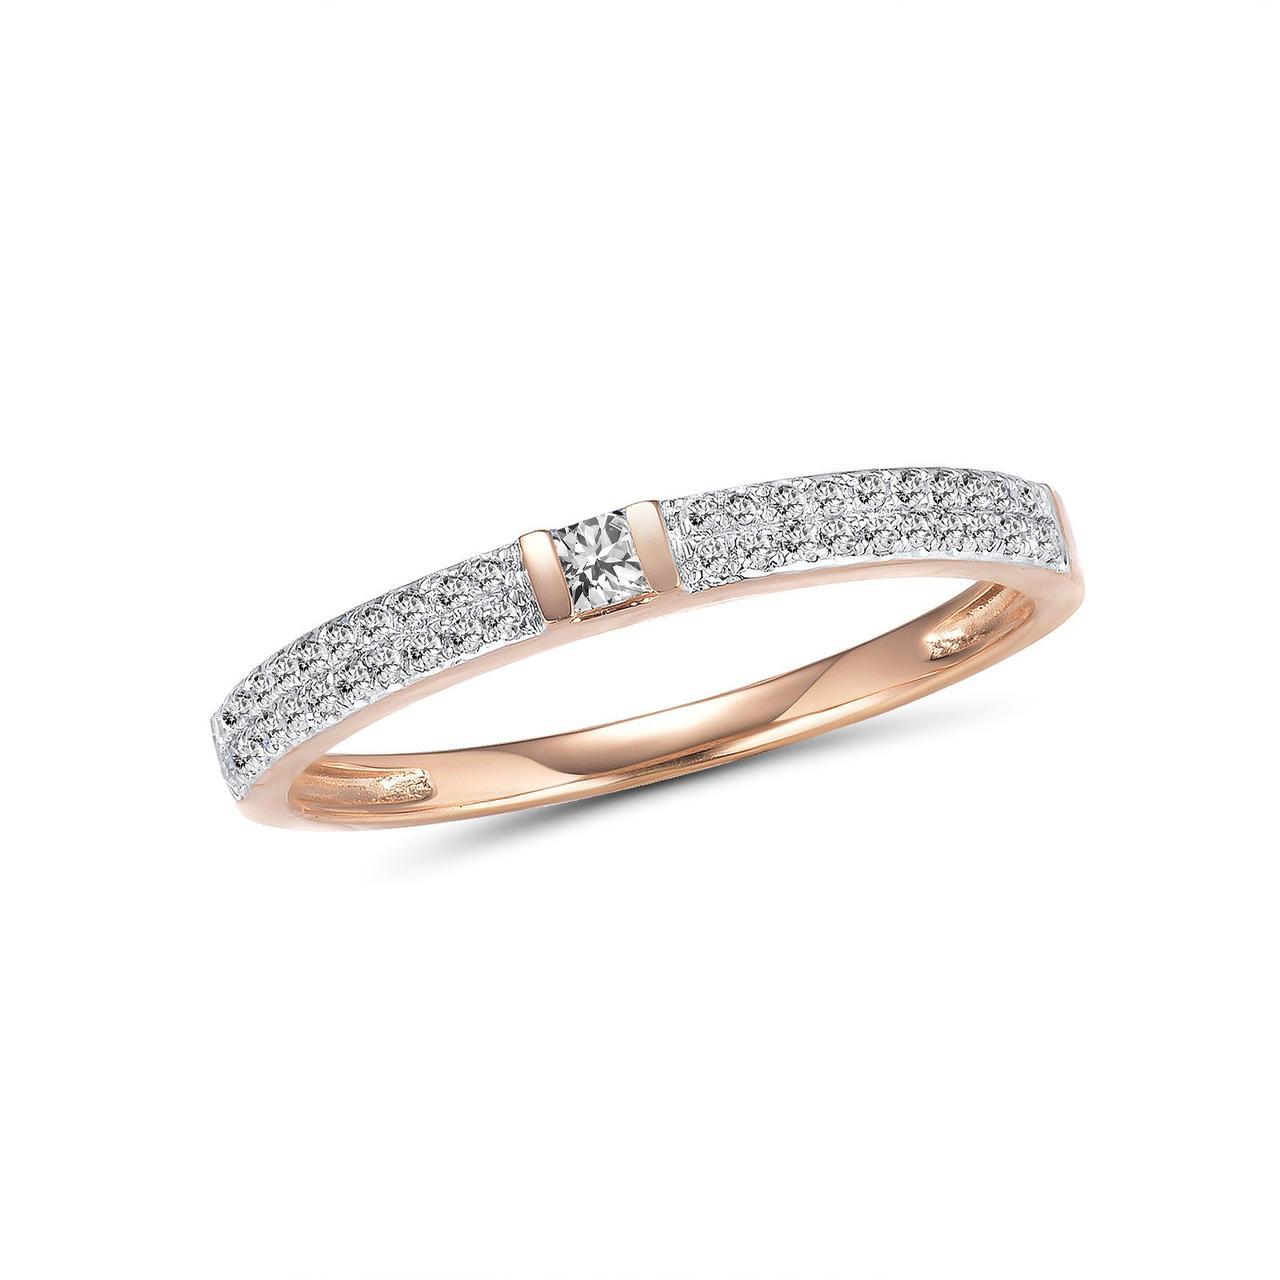 Золотое кольцо с бриллиантами, размер 16.5 (1692553)